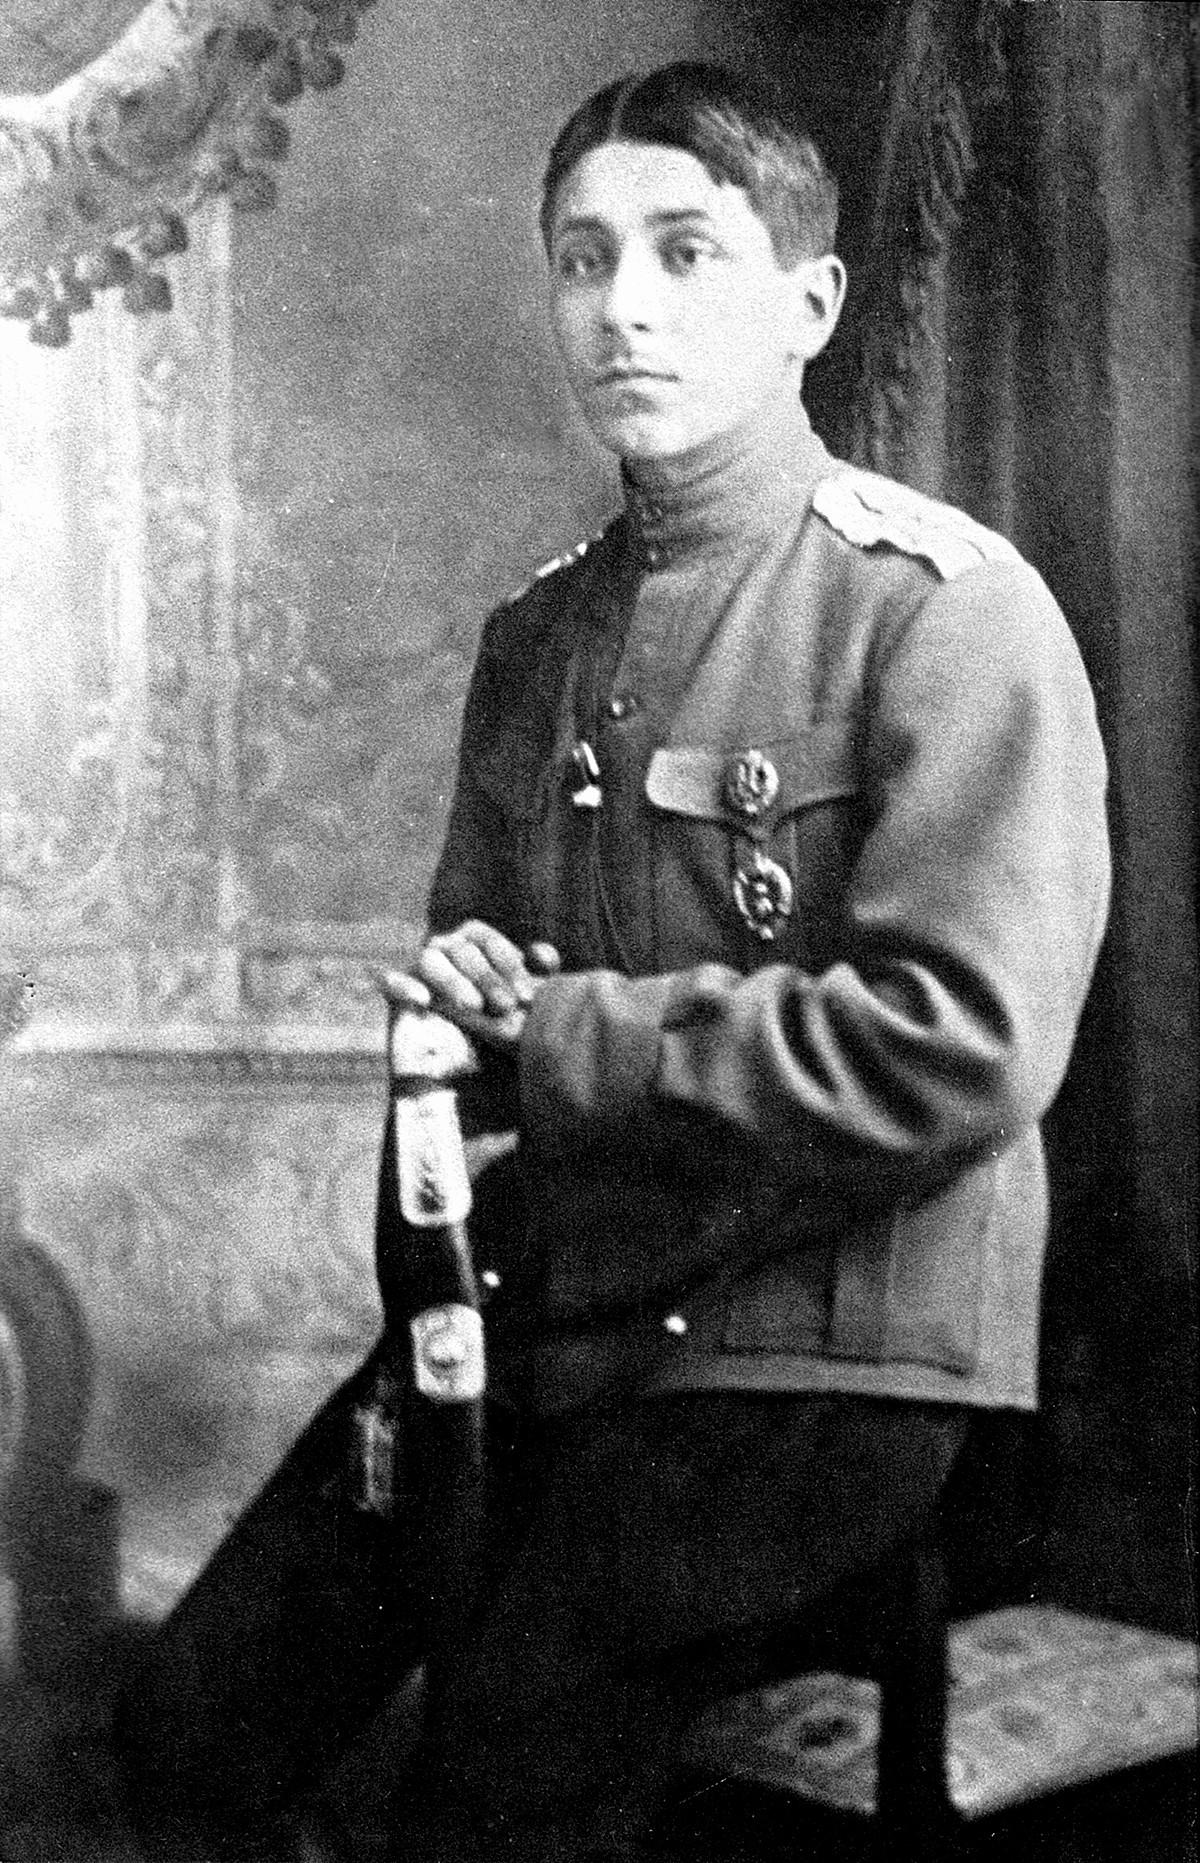 MikhaïlZochtchenko, 1916